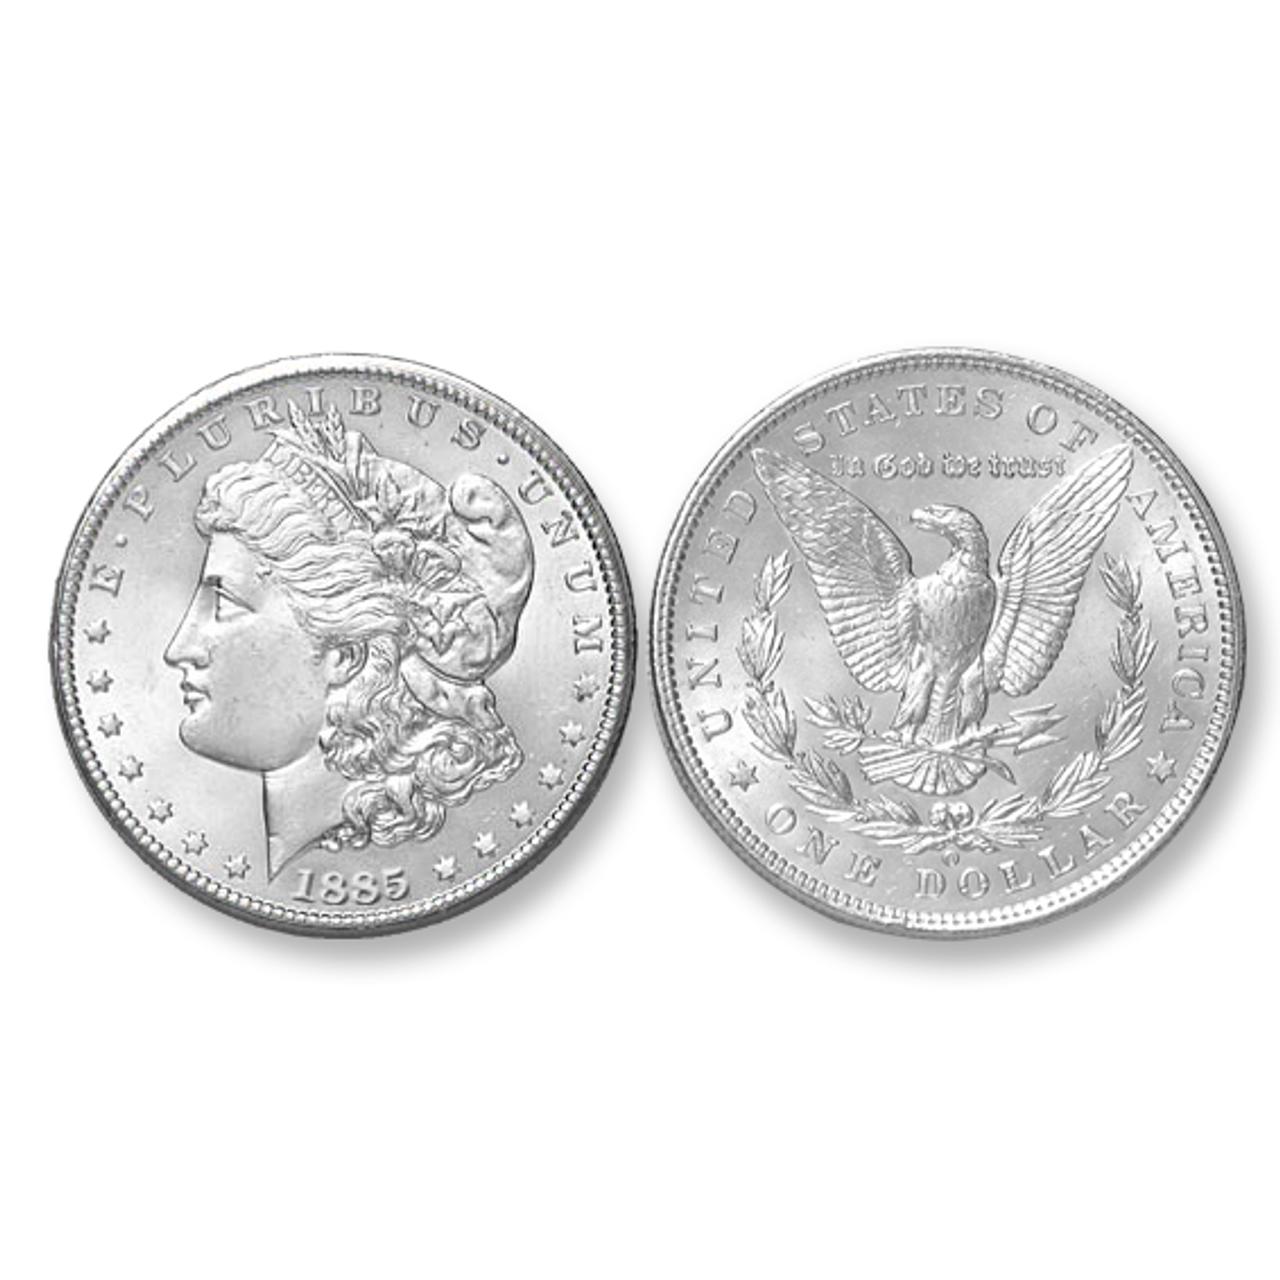 1885-O Morgan Silver Dollar - Brilliant Uncirculated Condition